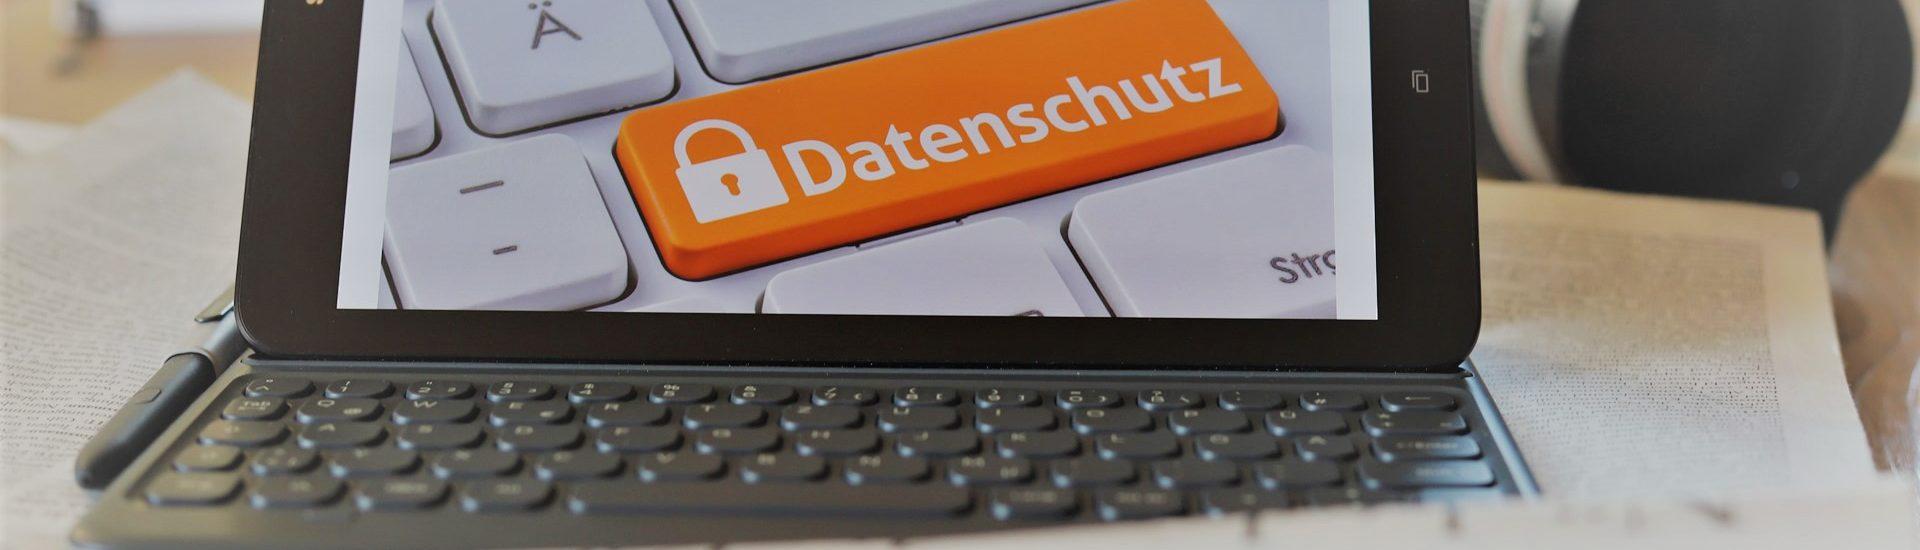 Der Hofladen Steirerhof nimmt den Datenschutz ernst. Foto: Knut Kuckel